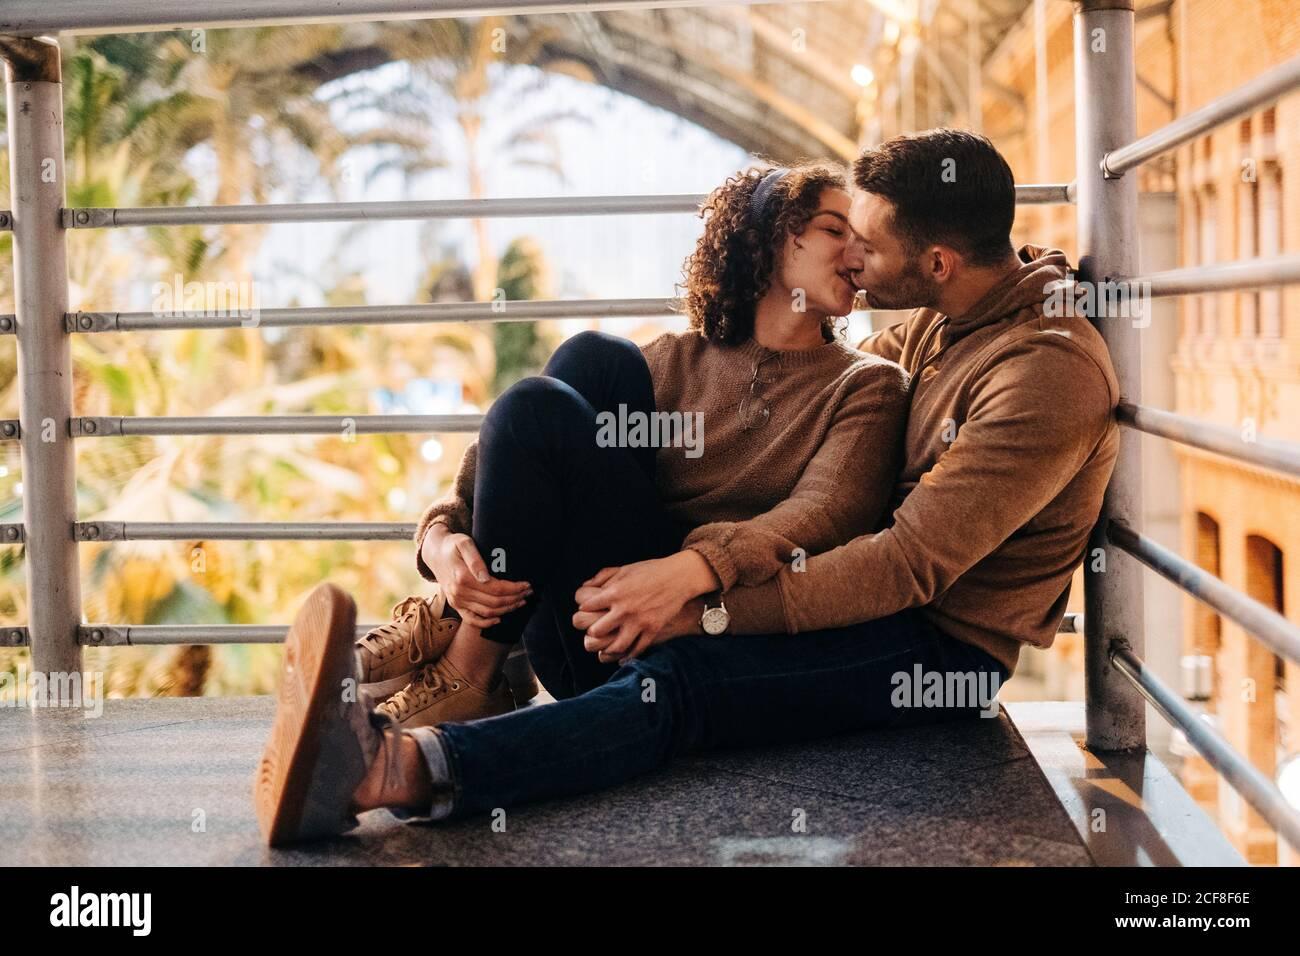 Joyeux jeune homme et femme embrassant et embrassant regarder les uns les autres en étant assis dans un pavillon éclairé pendant la date Banque D'Images